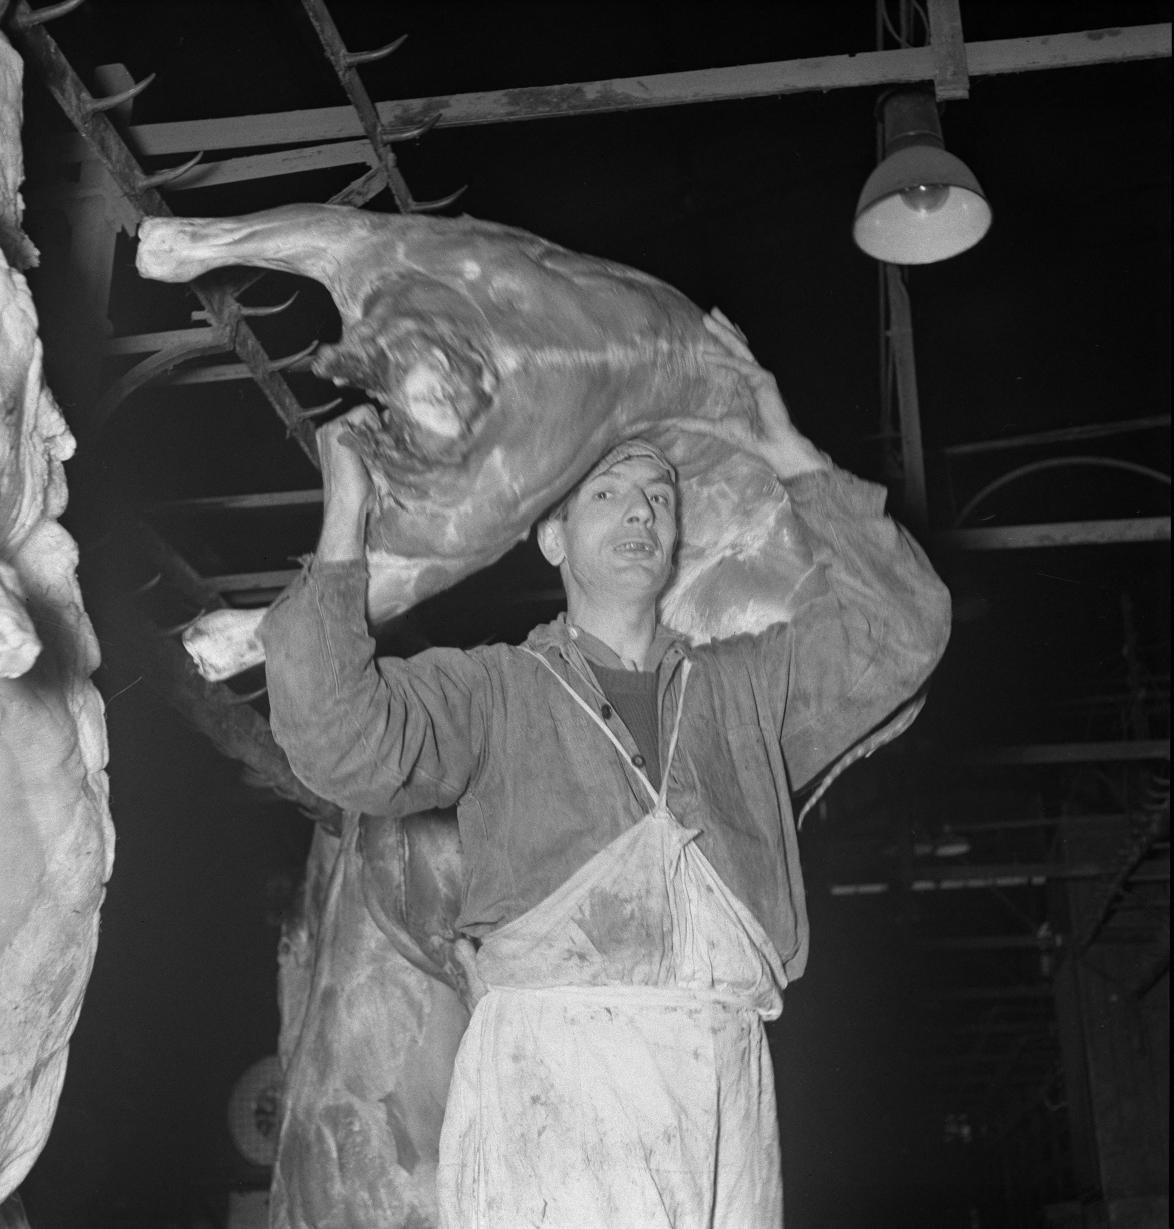 08. Эти носильщики переносят мясные туши весом от 70 до 120 кг